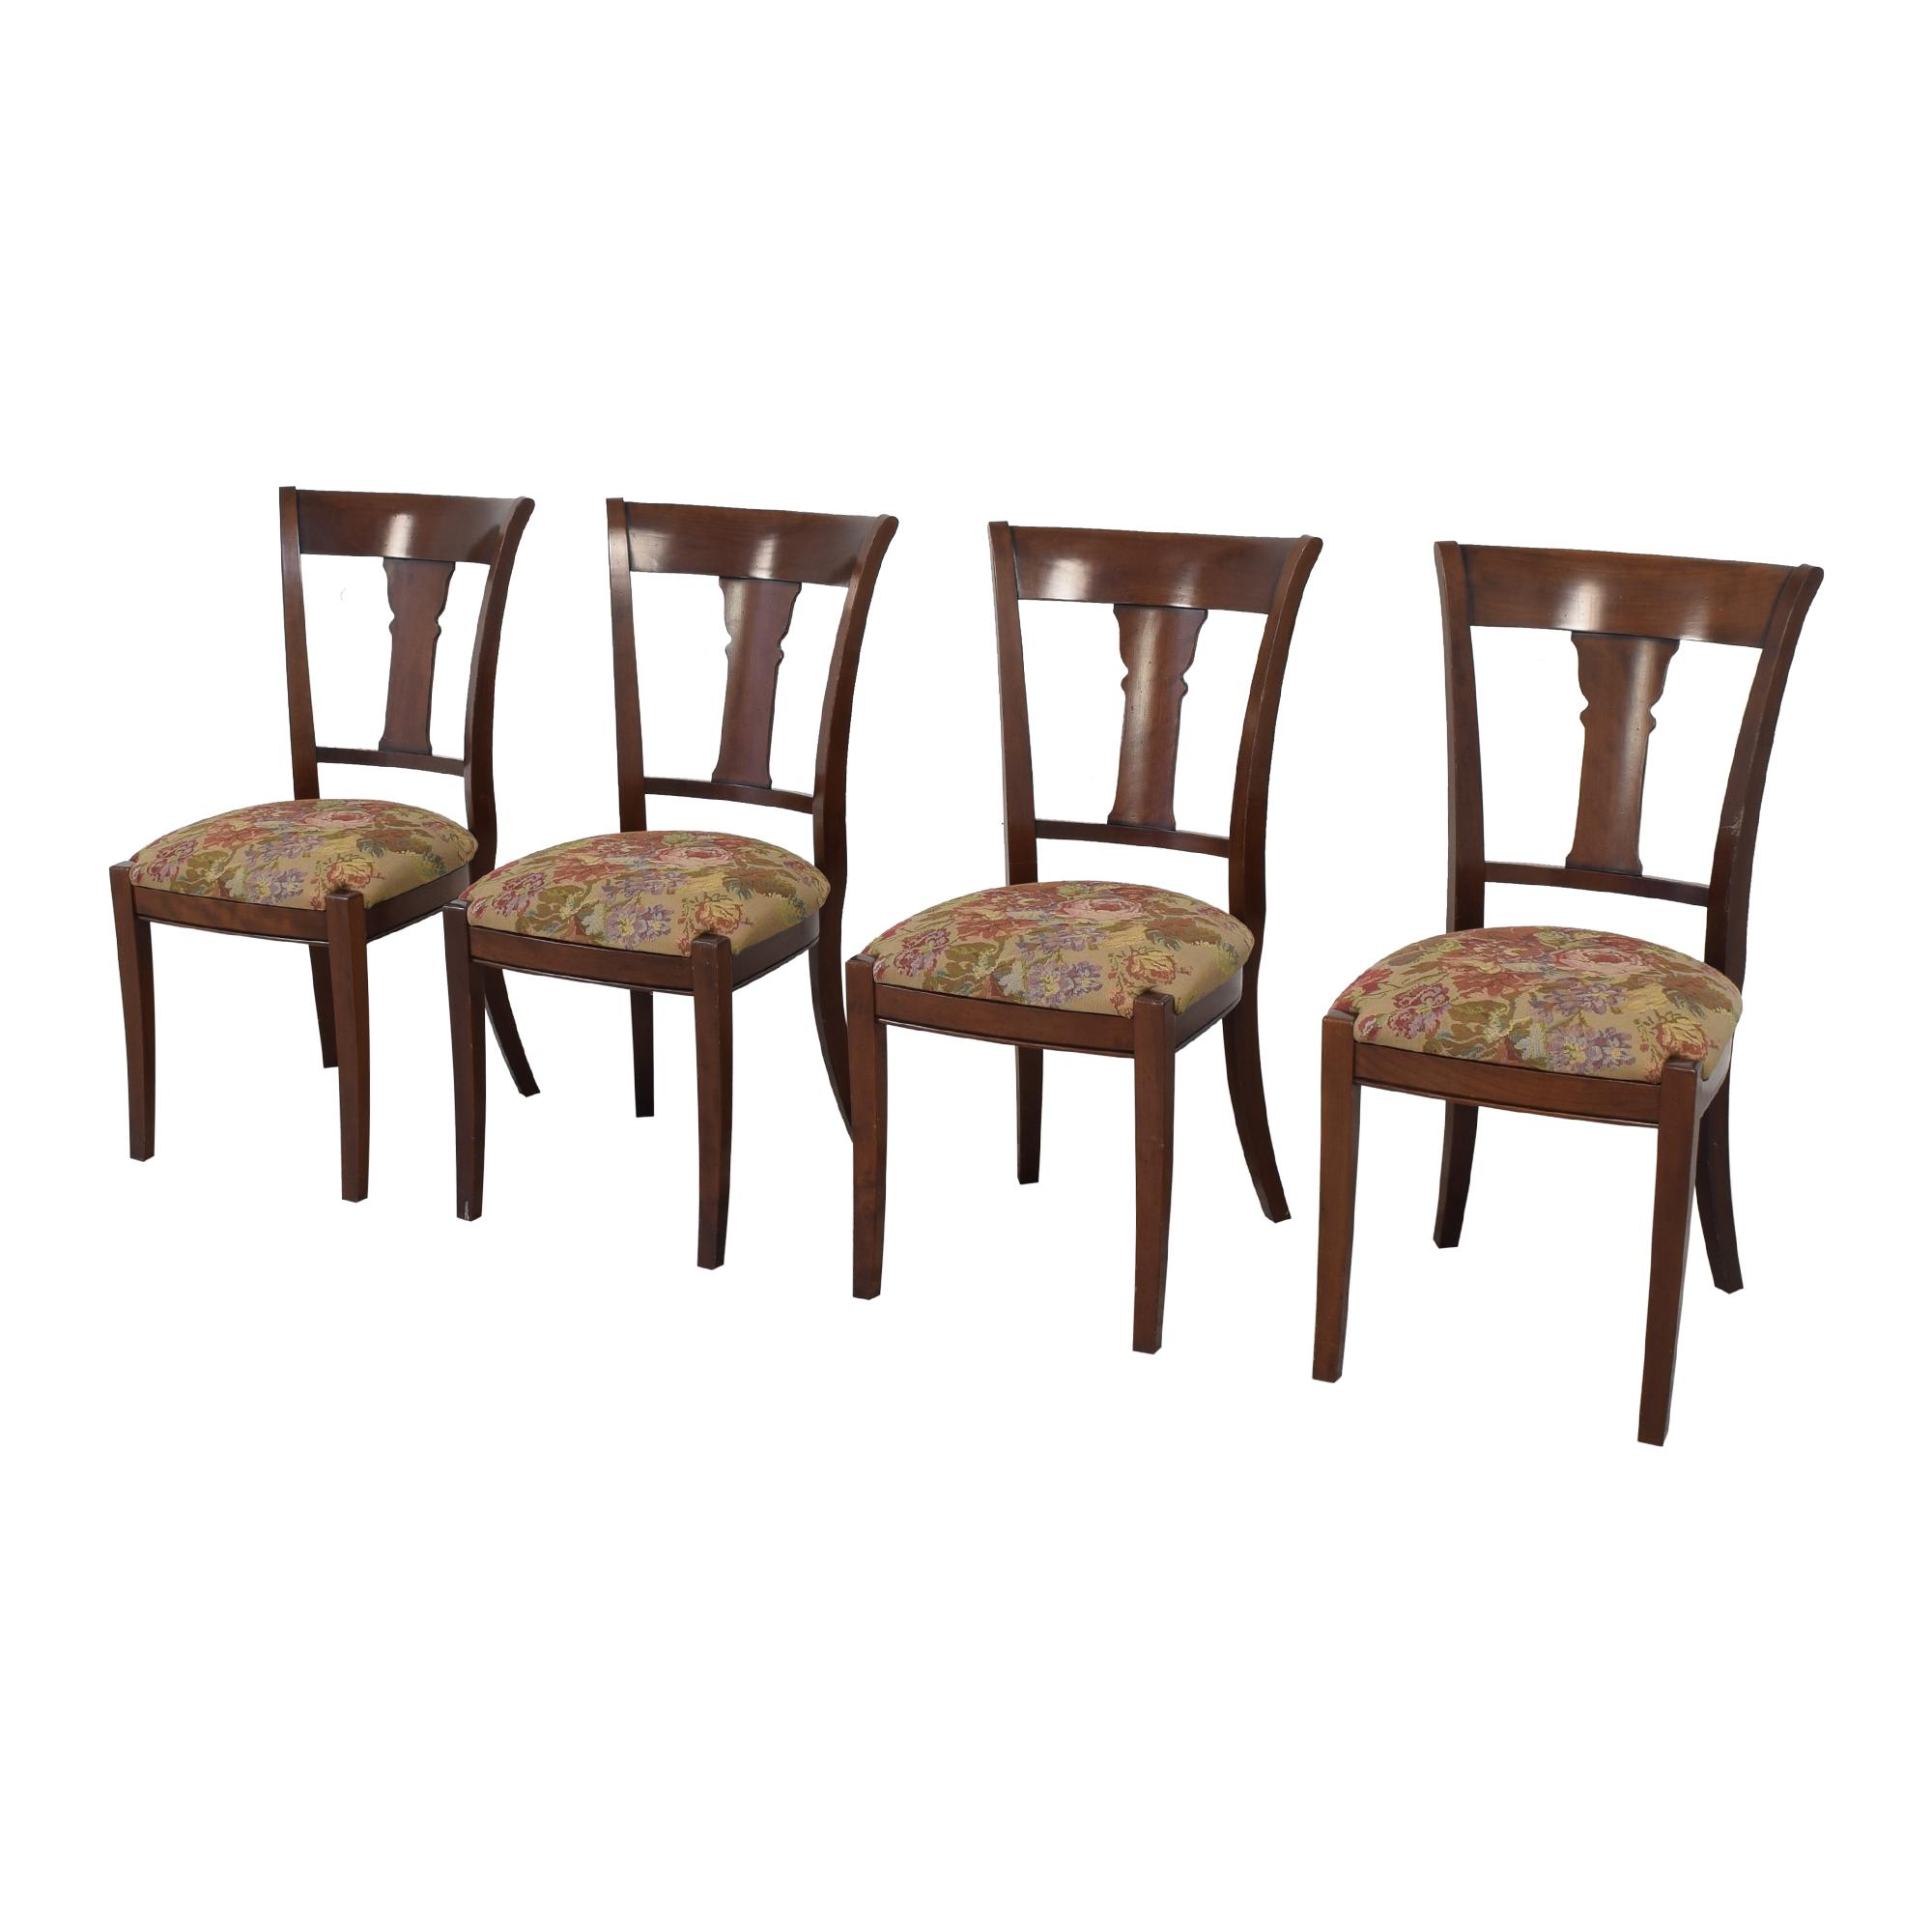 Grange Grange Upholstered Dining Chairs multi